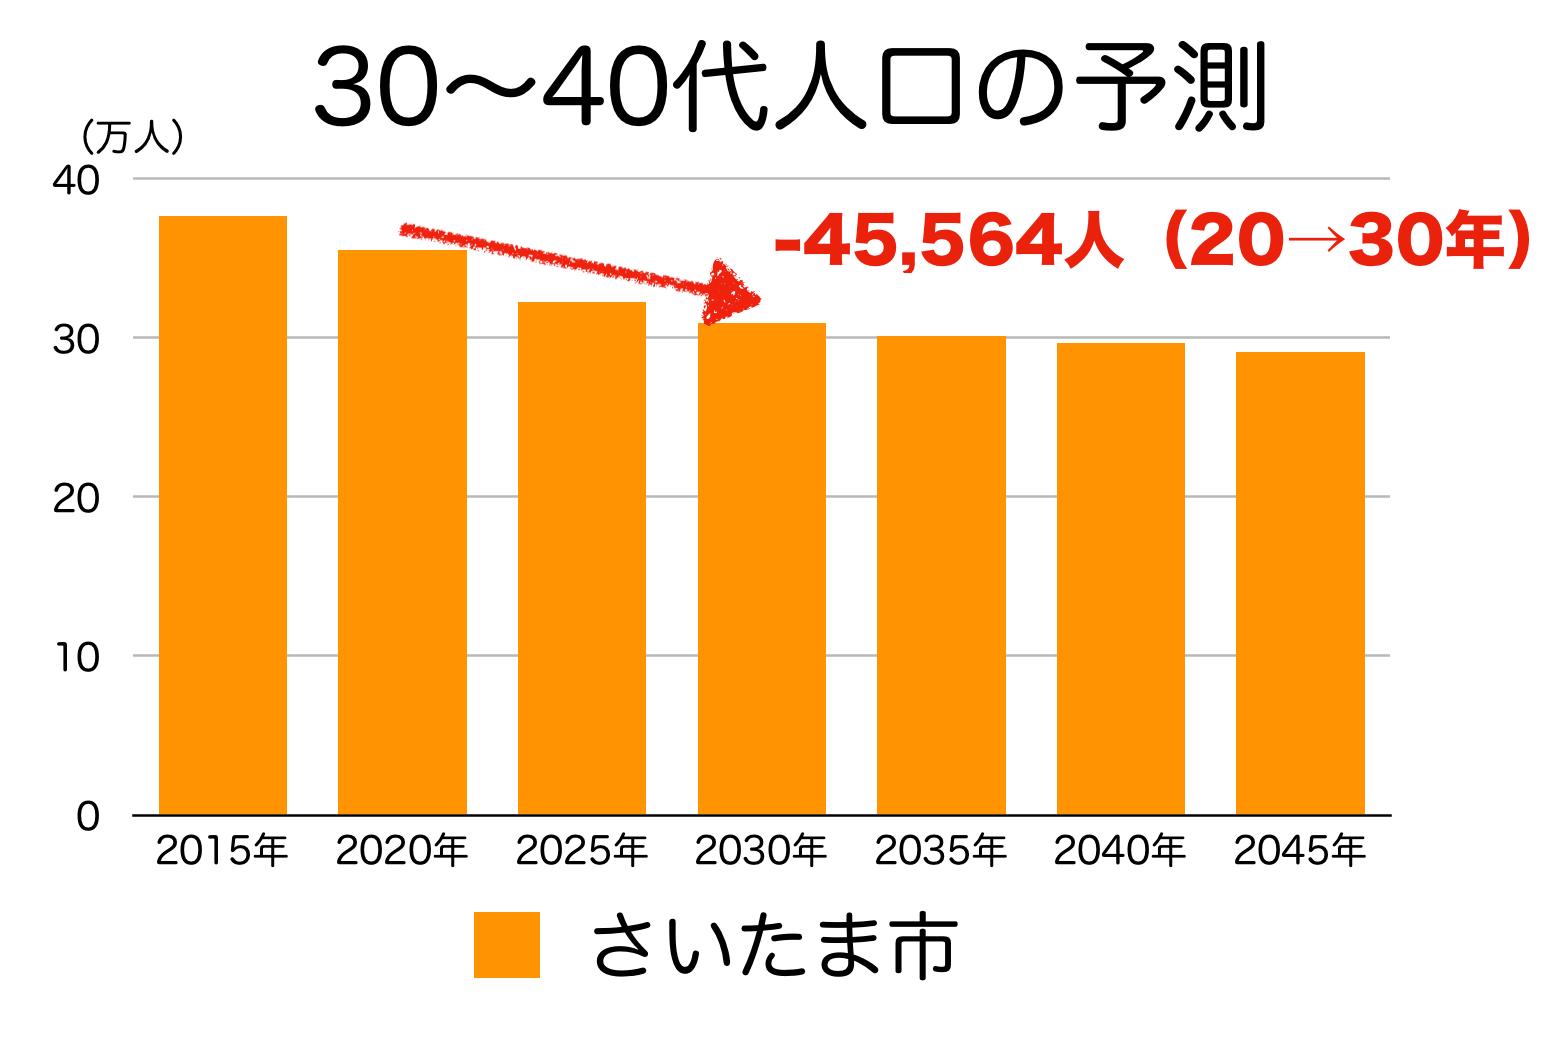 さいたま市の30〜40代人口の予測